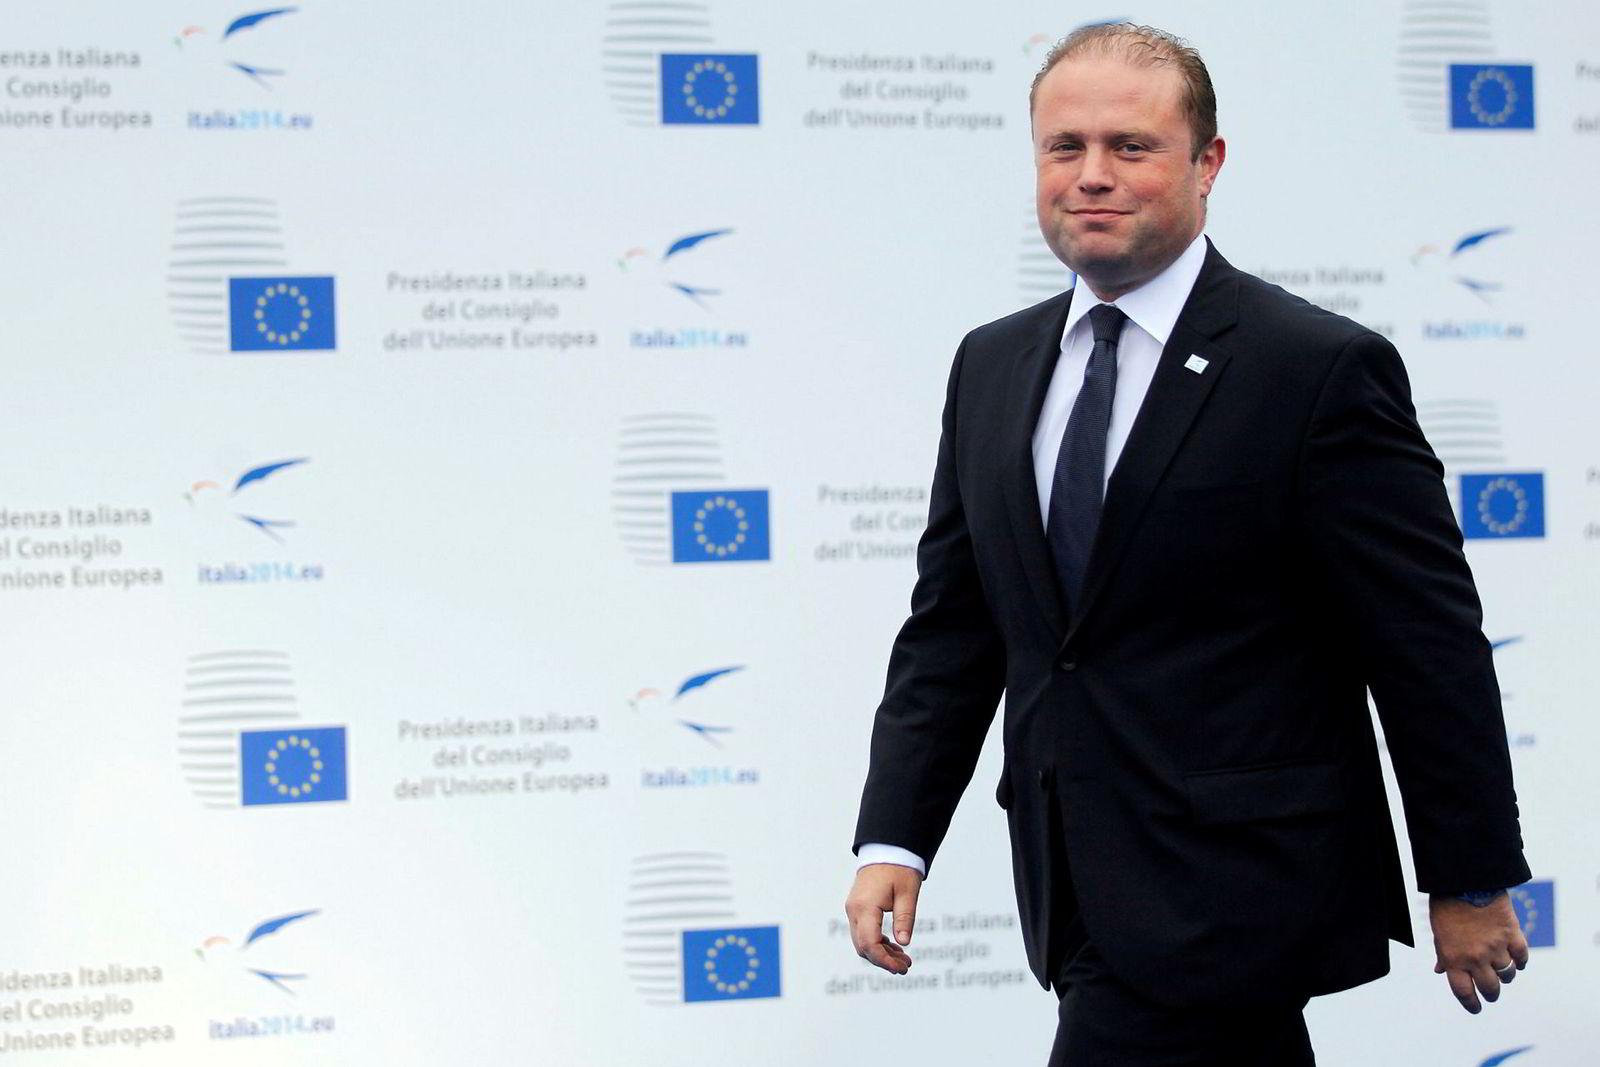 Malta's statsminister Joseph Muscat